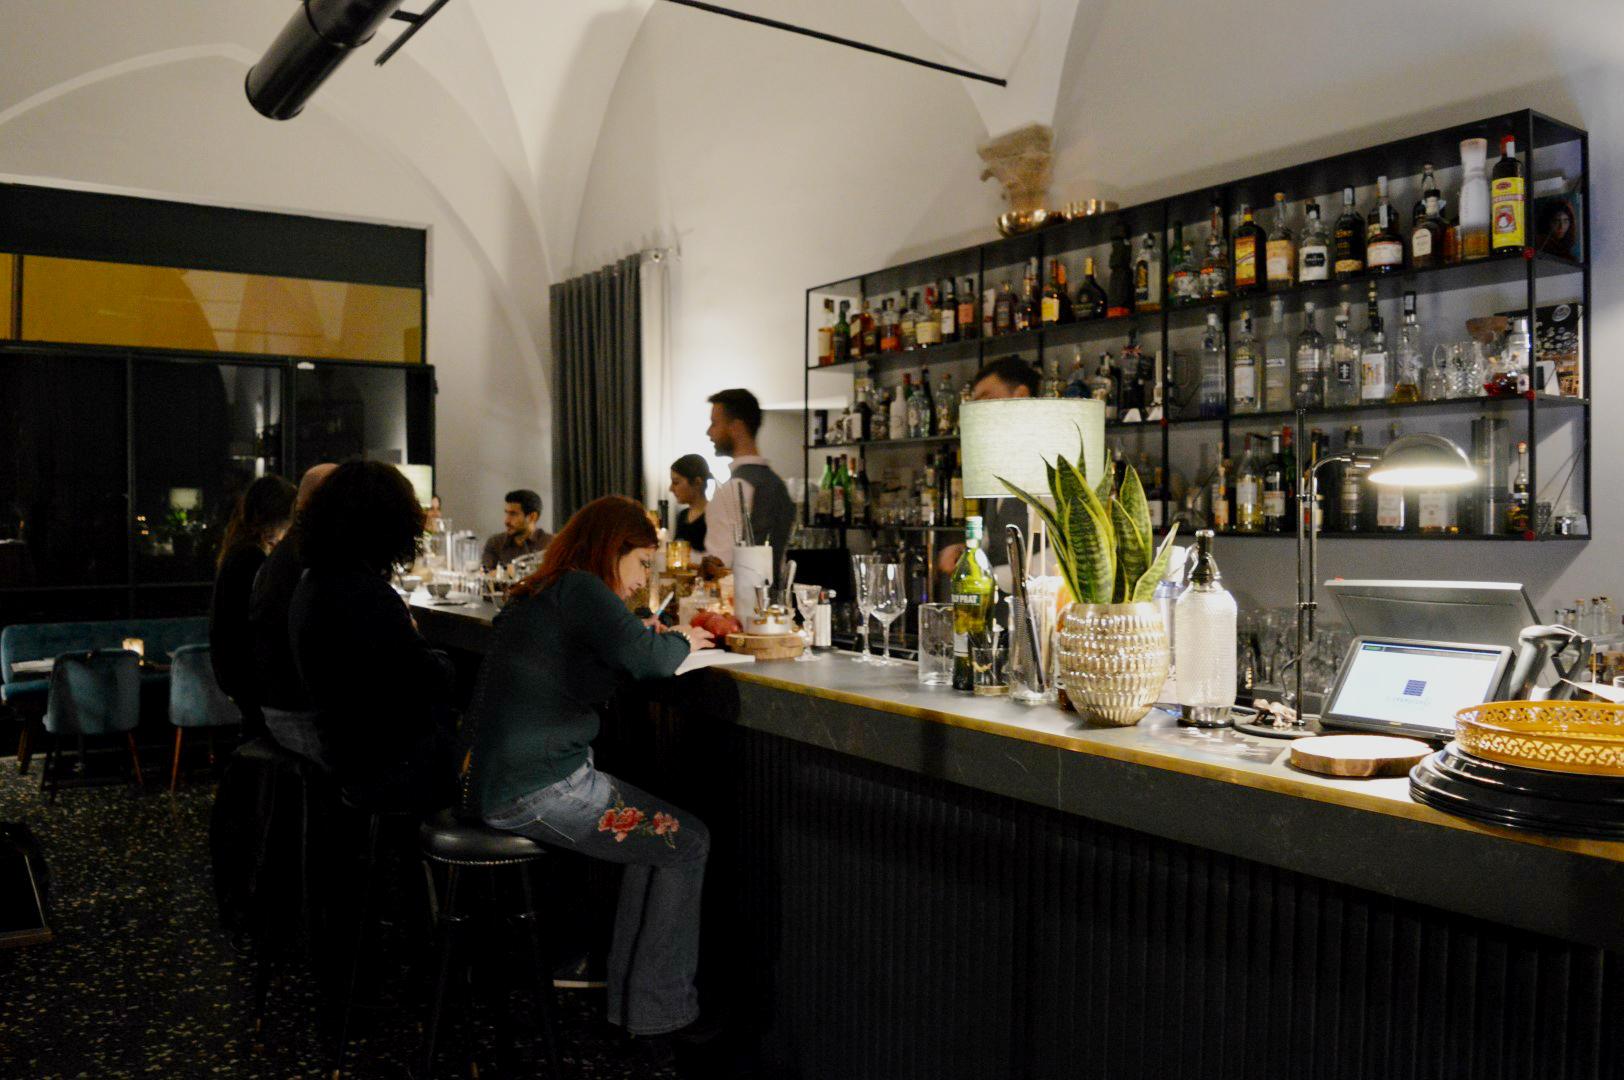 I conoscenti bologna cocktail e cucina non tornarci for E cucina 24 bologna